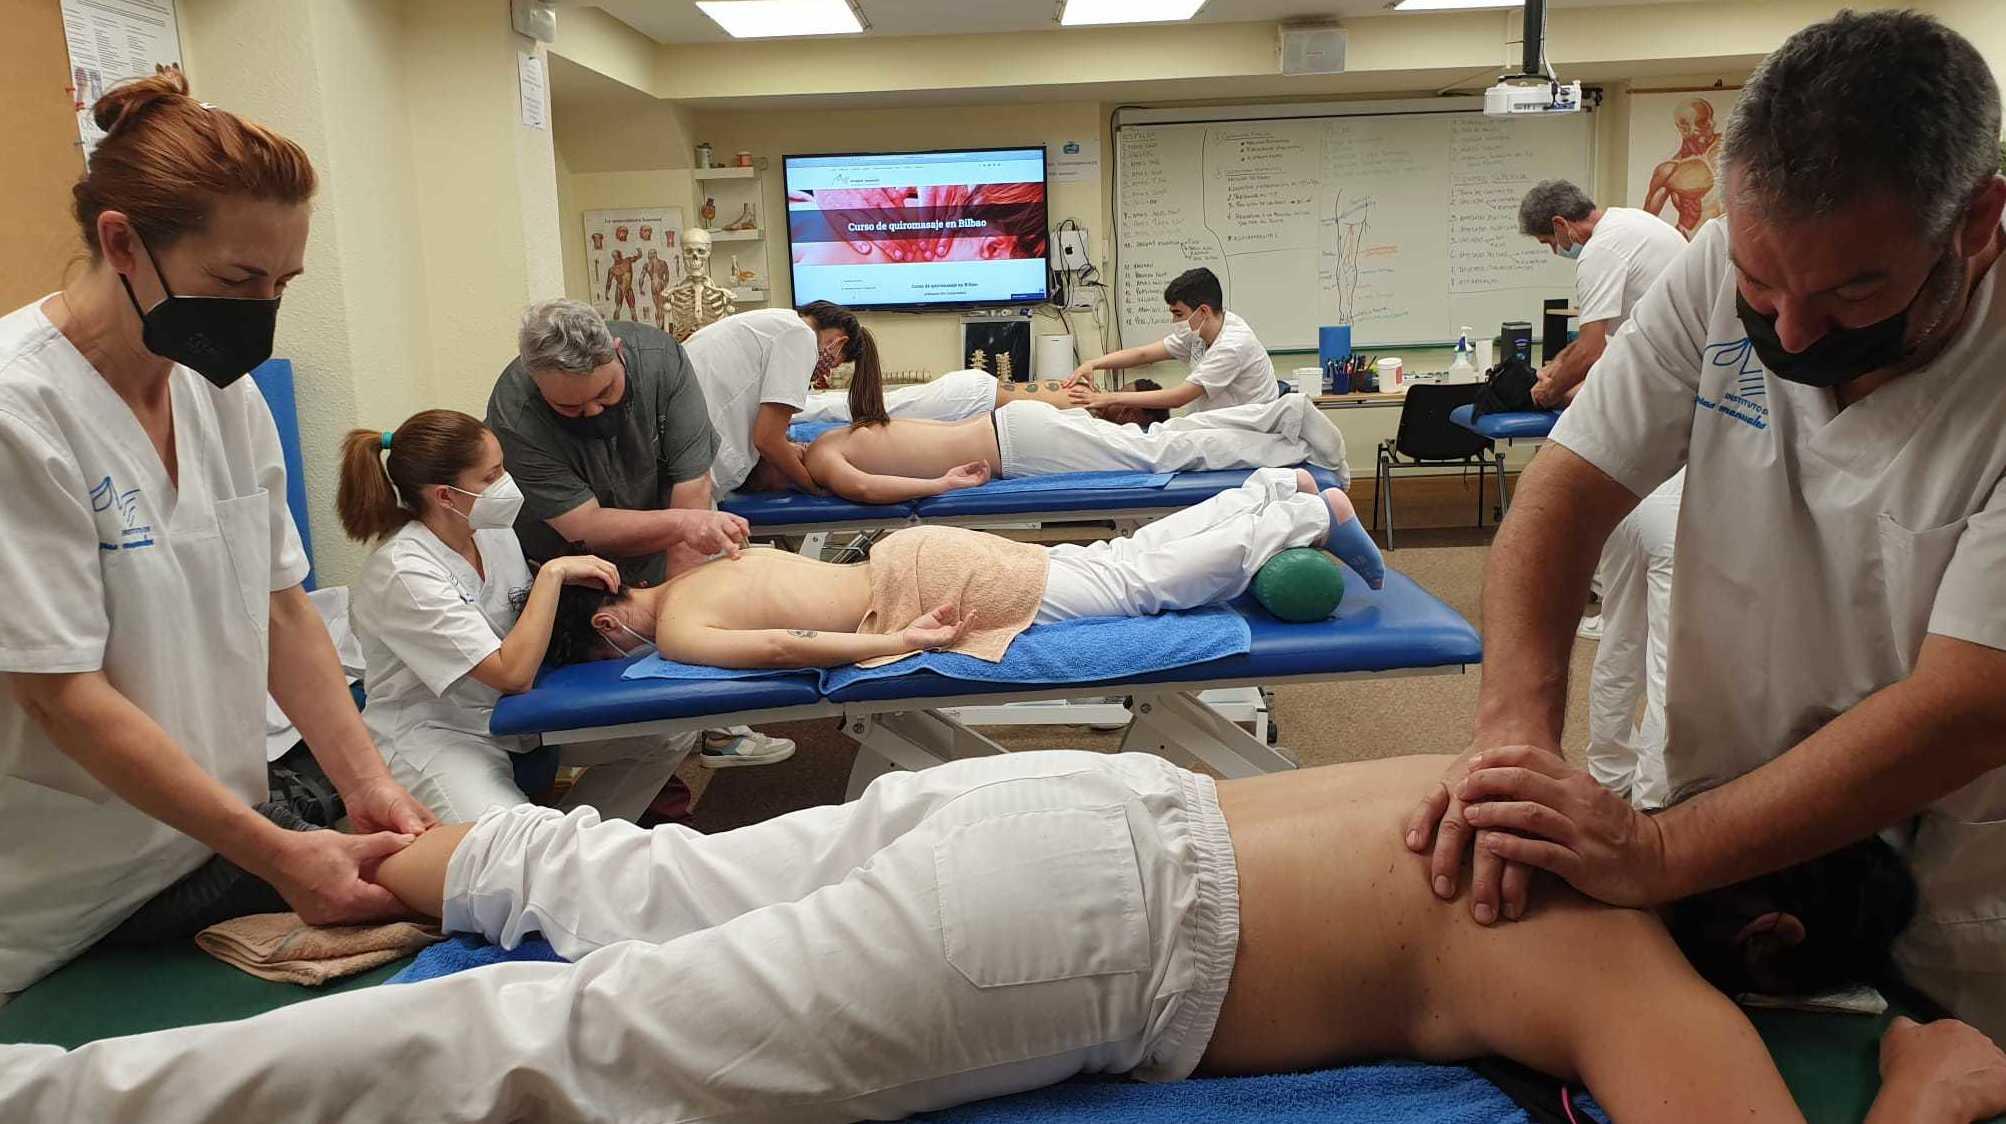 Foto 15 de Academias de enseñanzas sanitarias en Bilbao | Instituto de Terapias Manuales